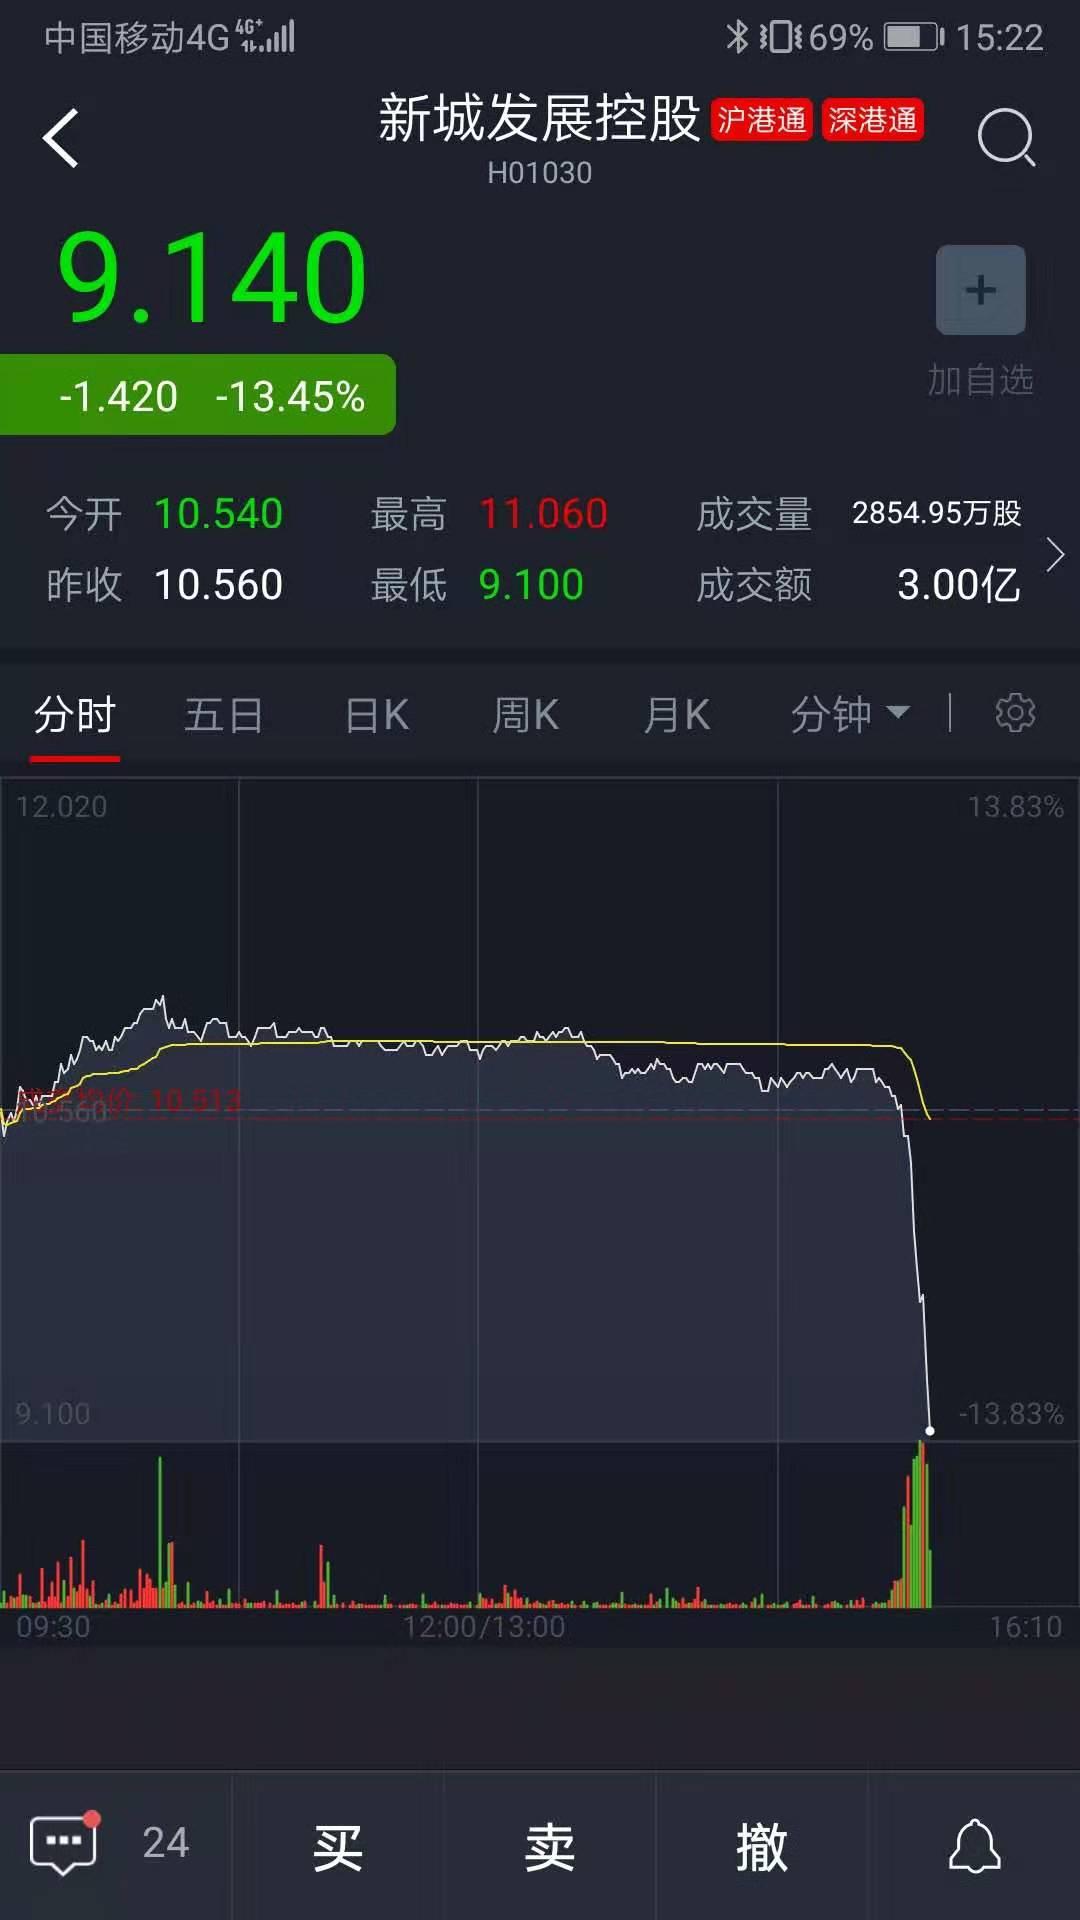 新城董事长王振华遭警方控制 致公司股价狂泄25%